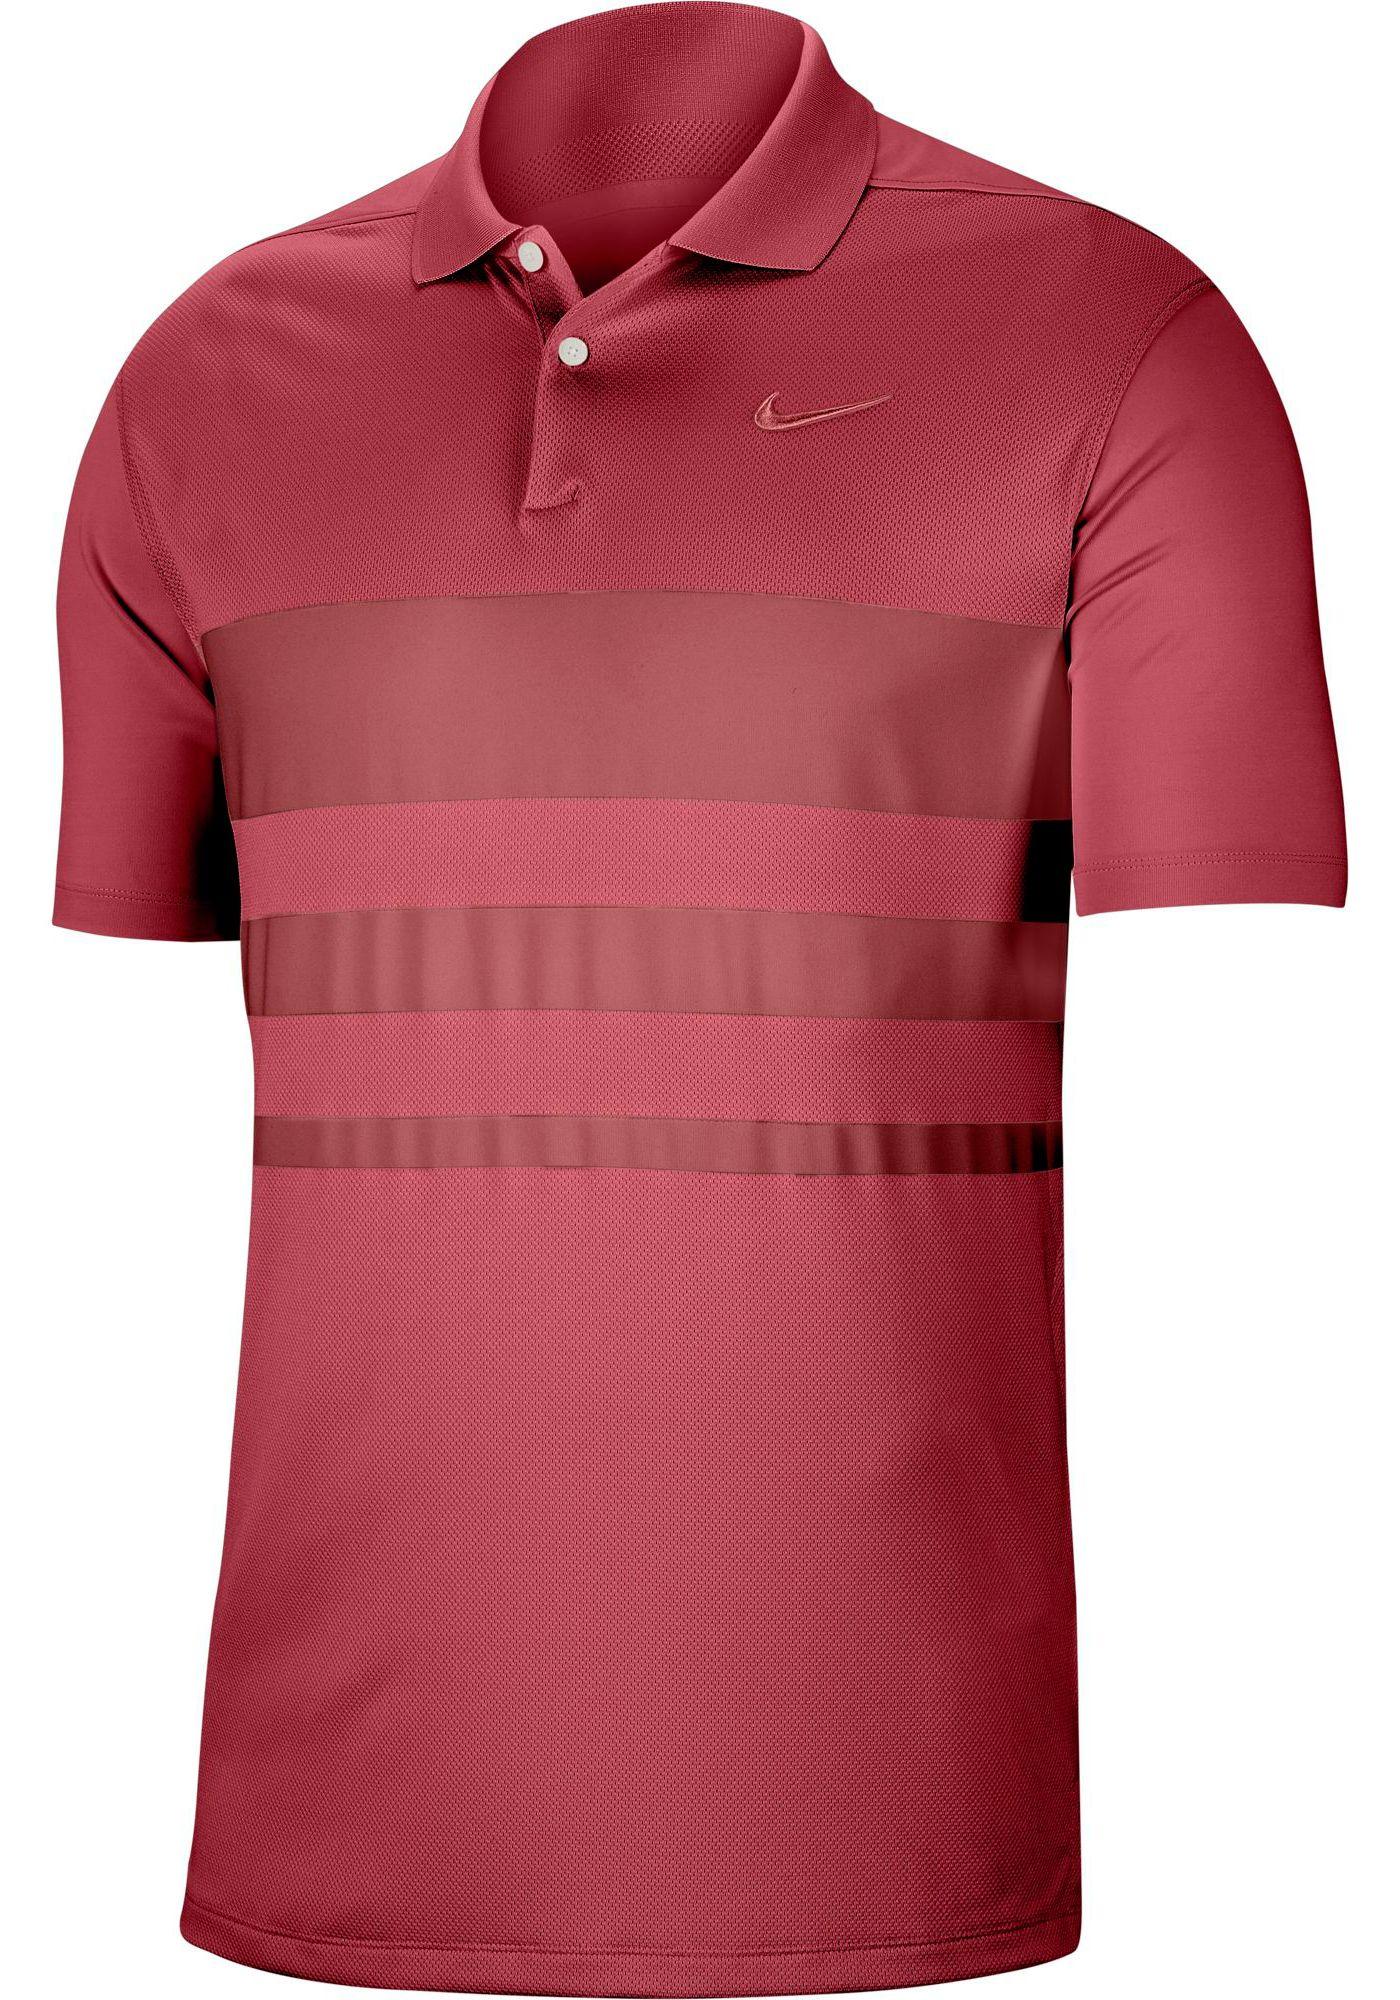 Nike Men's Dri-FIT Vapor Striped Golf Polo